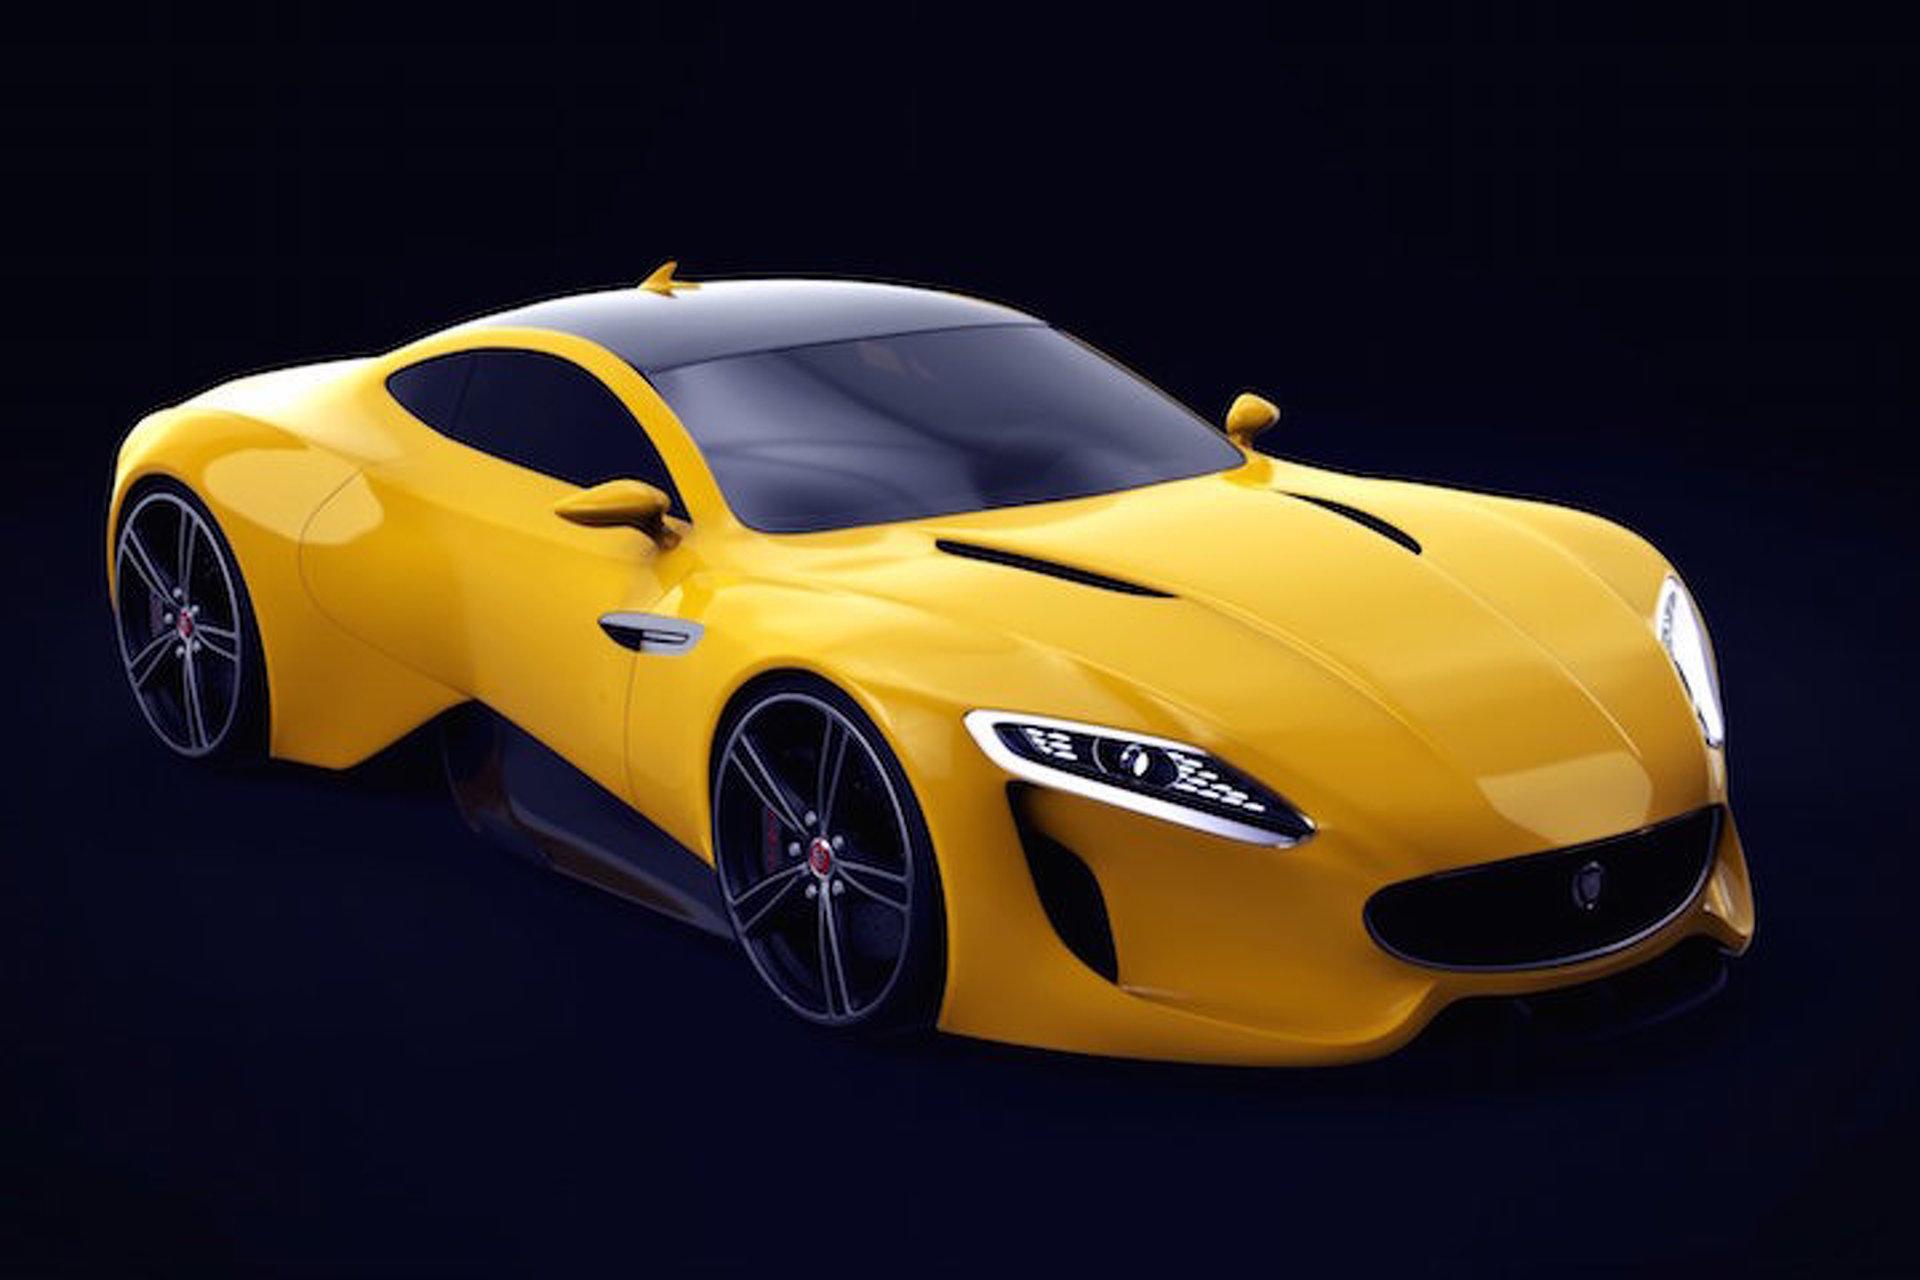 jaguars interesting facts about car com jaguar mydriftfun